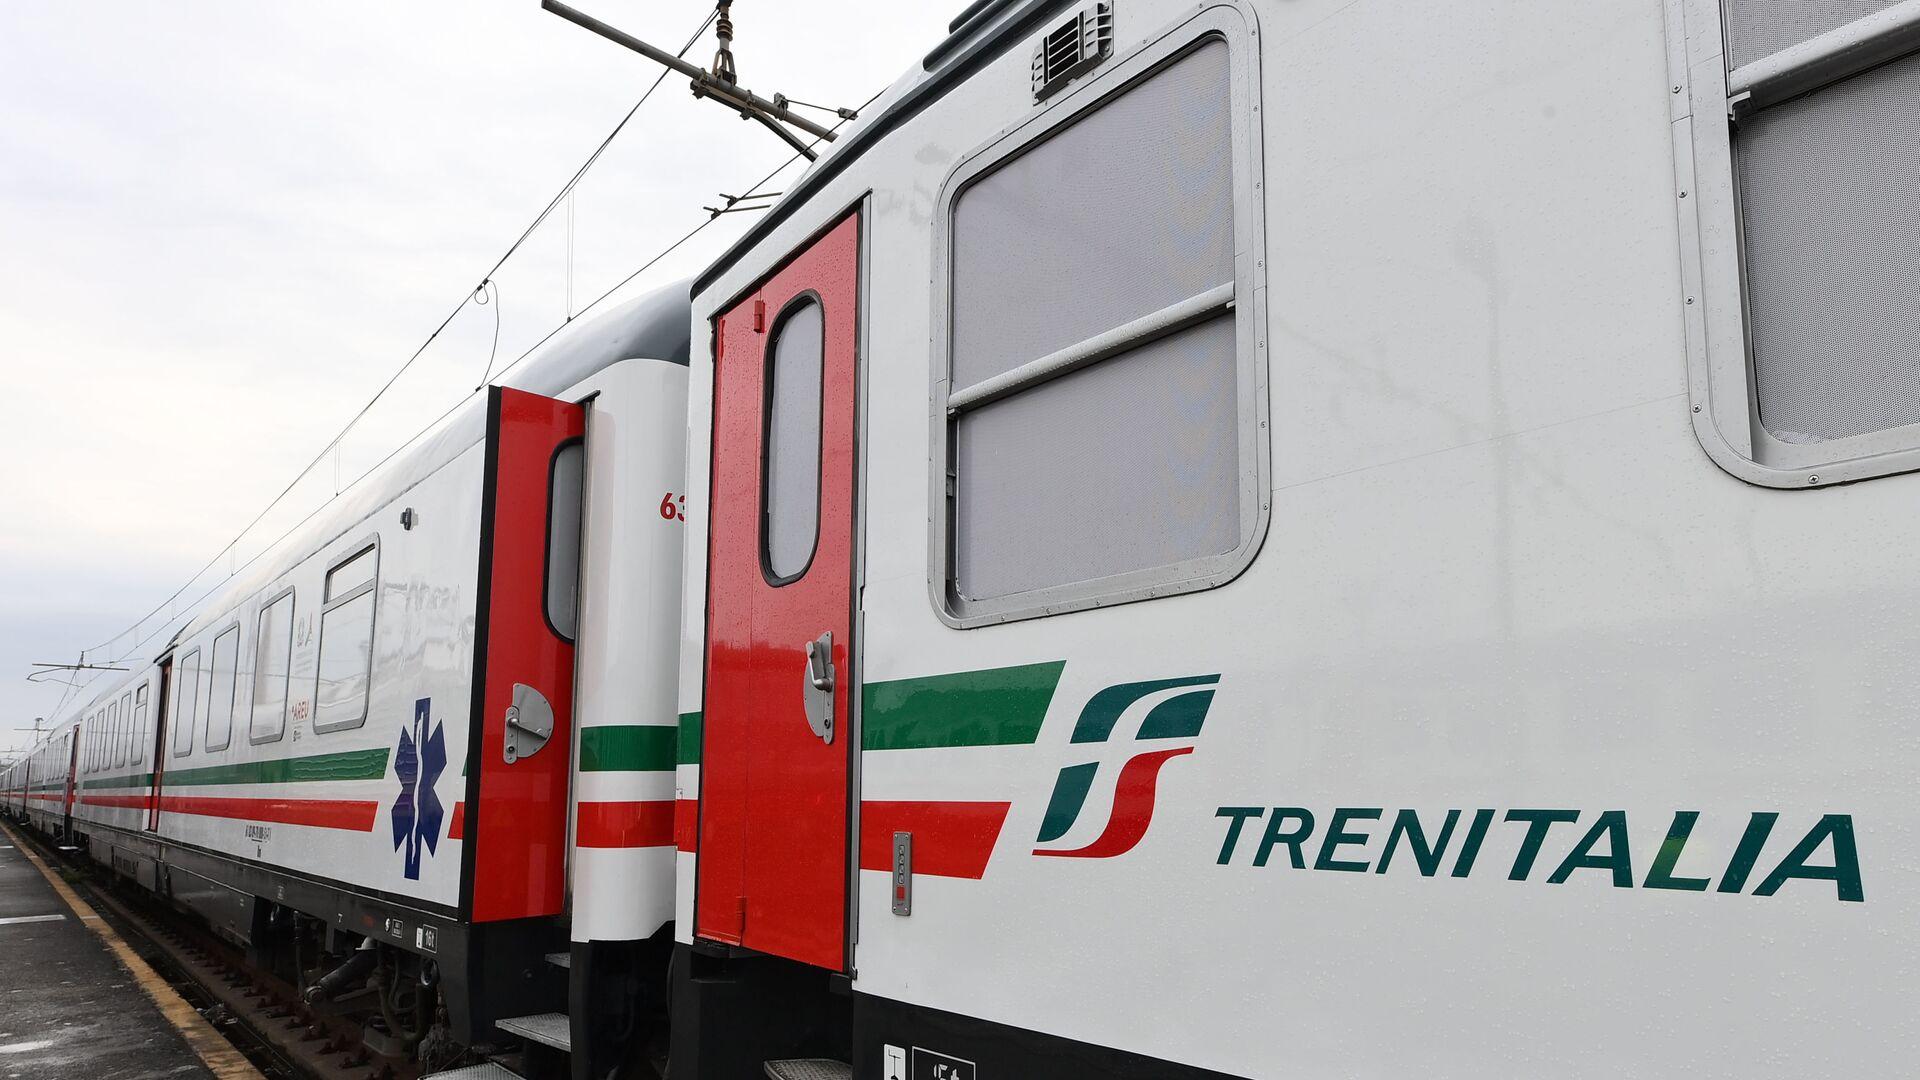 Il treno sanitario - Sputnik Italia, 1920, 02.04.2021